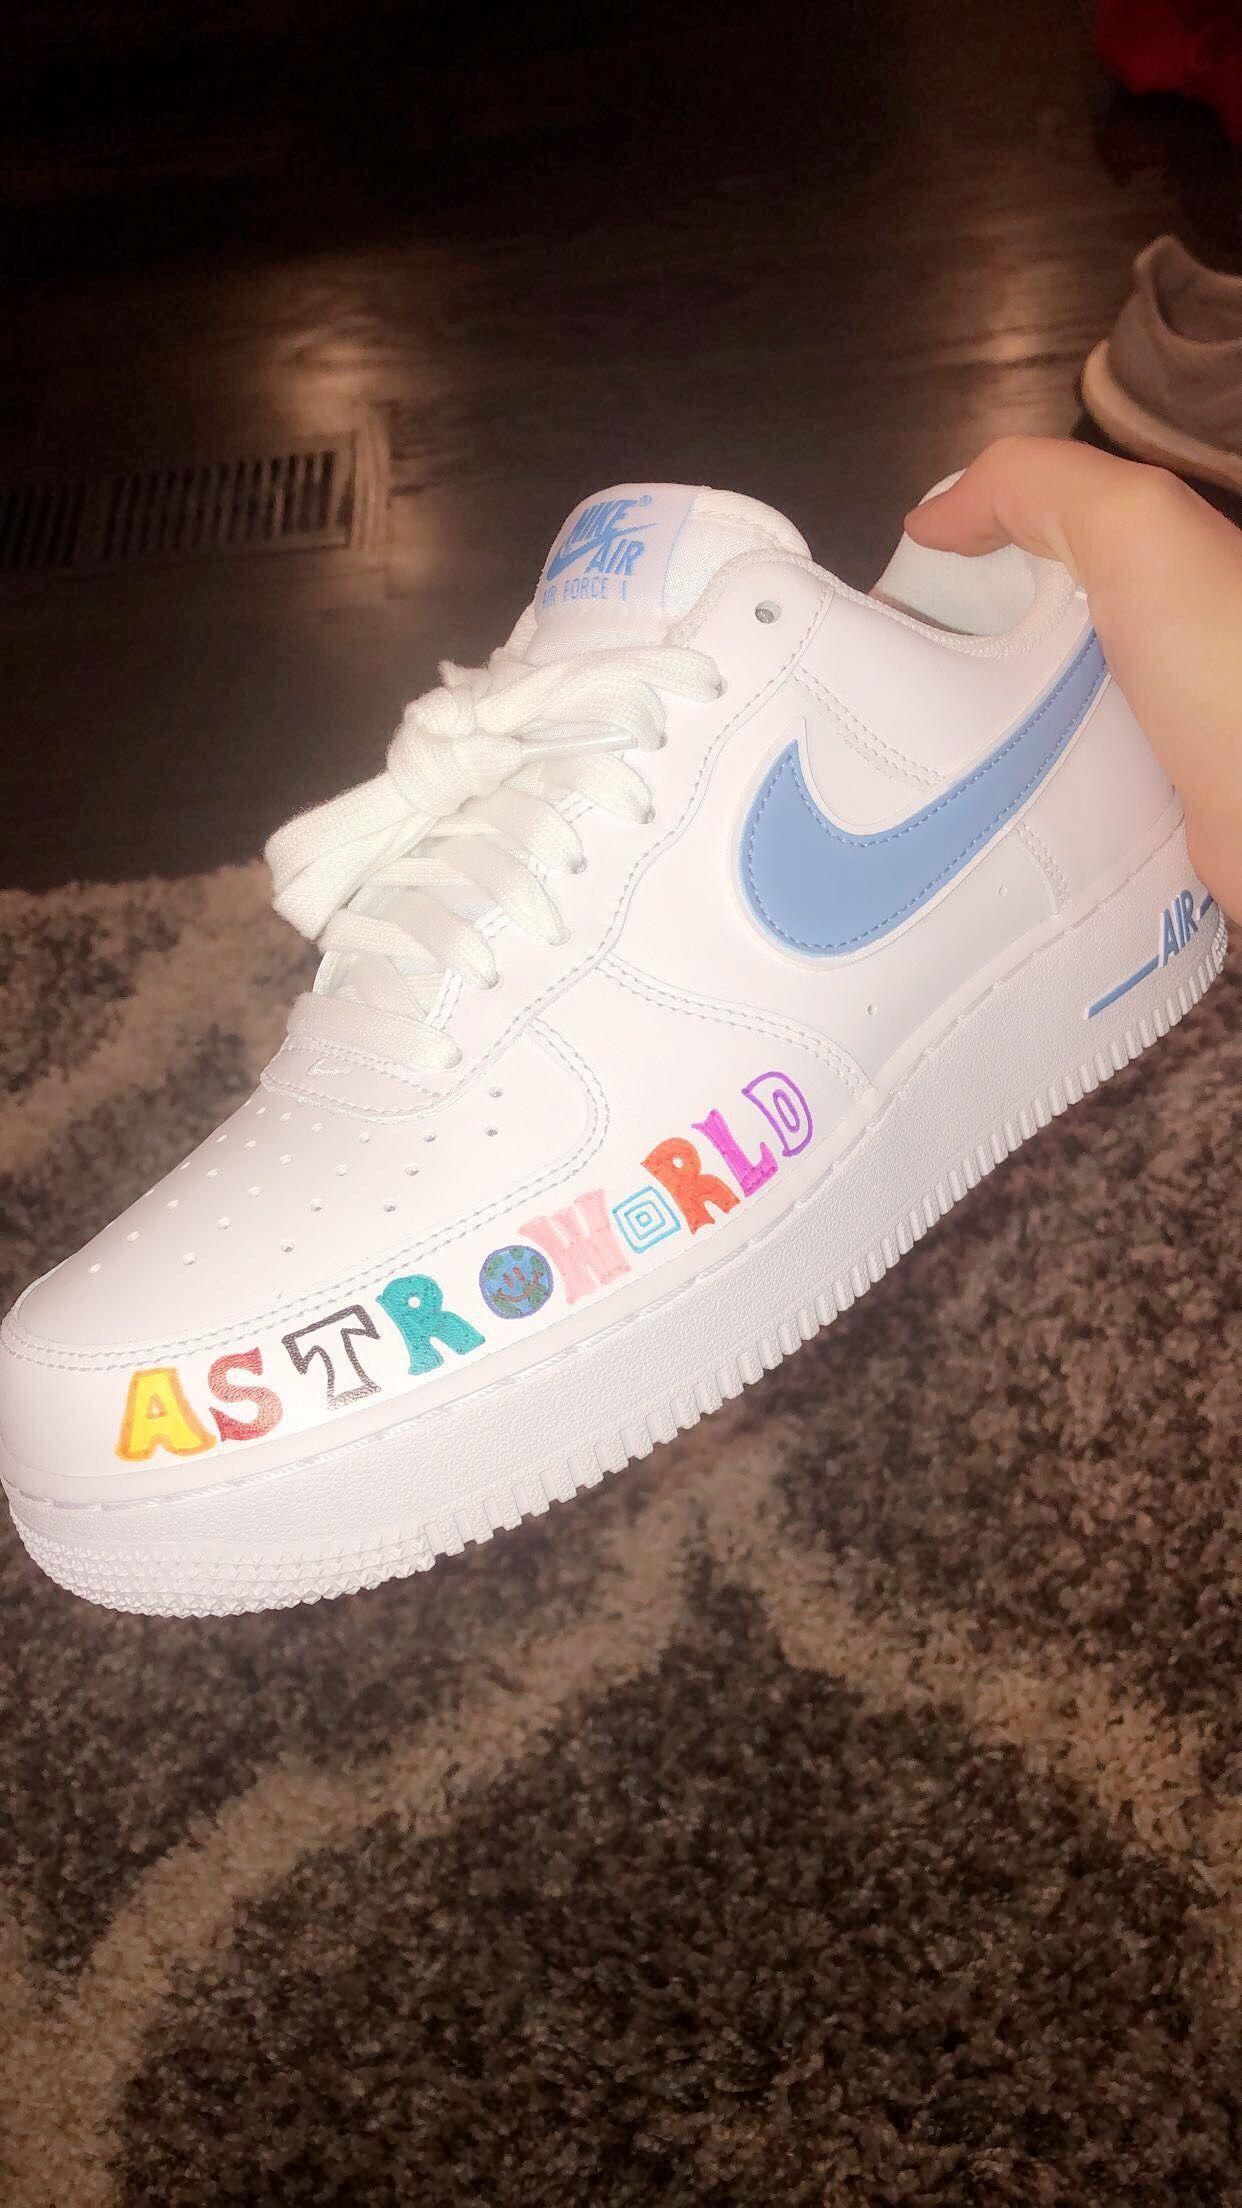 astroworld custom air force 1 – – astroworld custom air